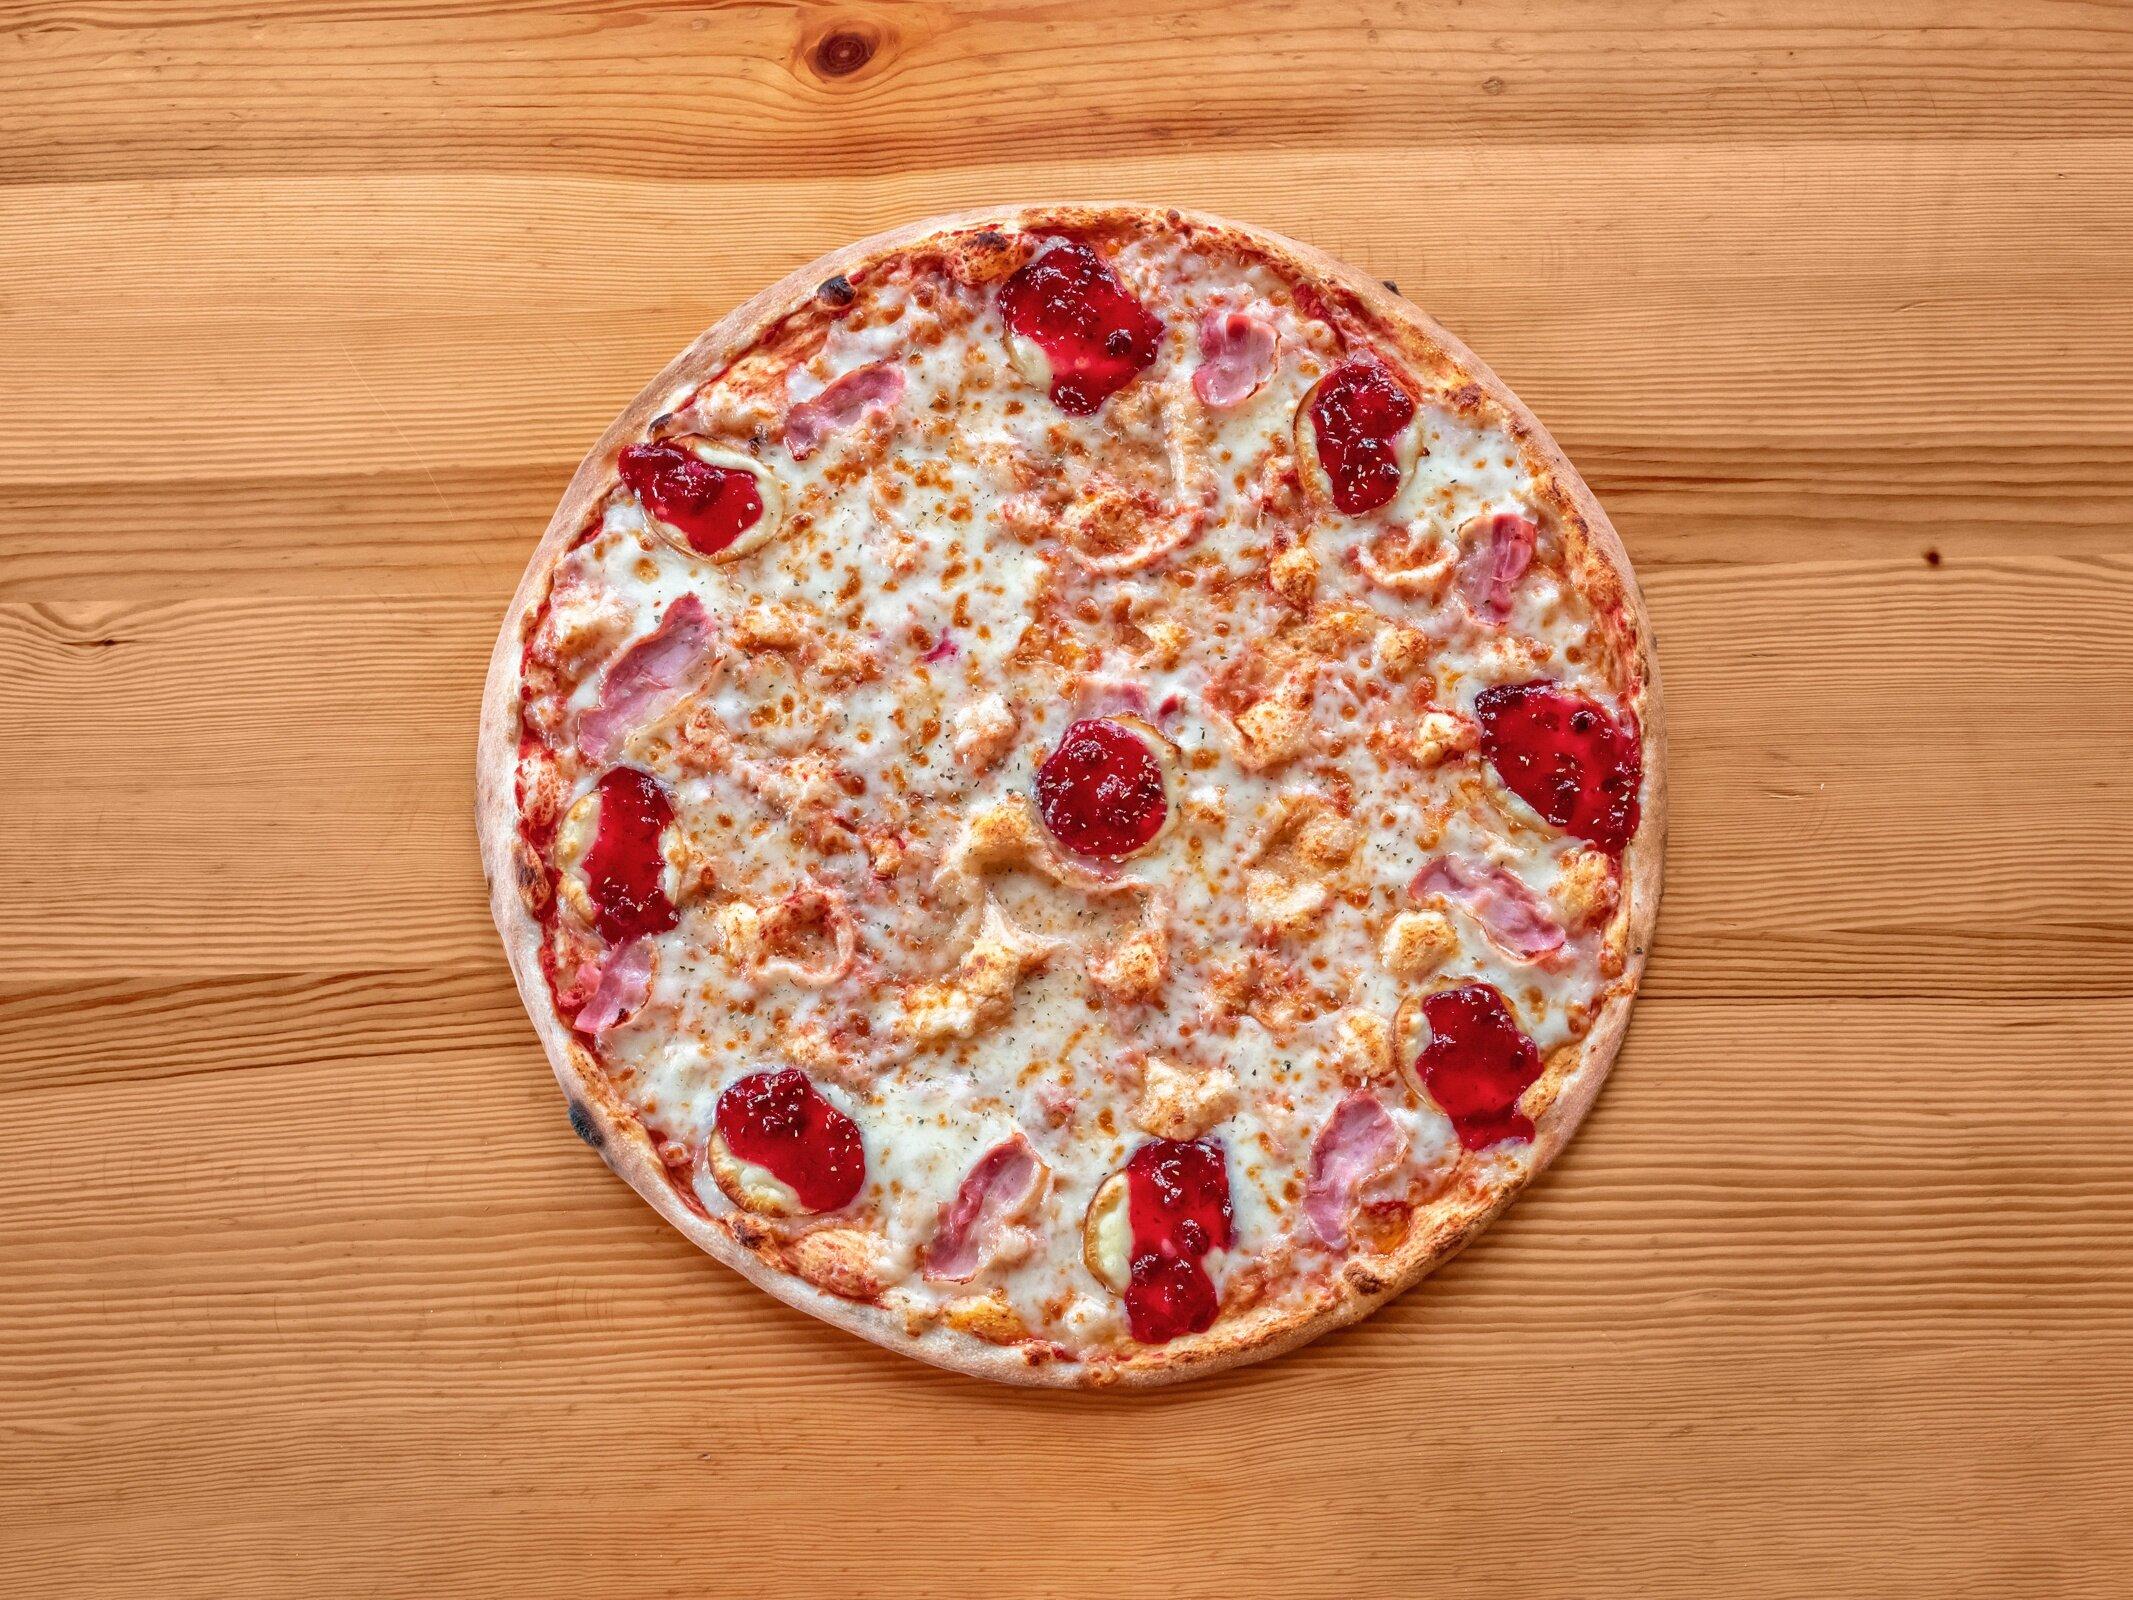 Pyszna pizza Zakopane, Kościelisko na dowóz